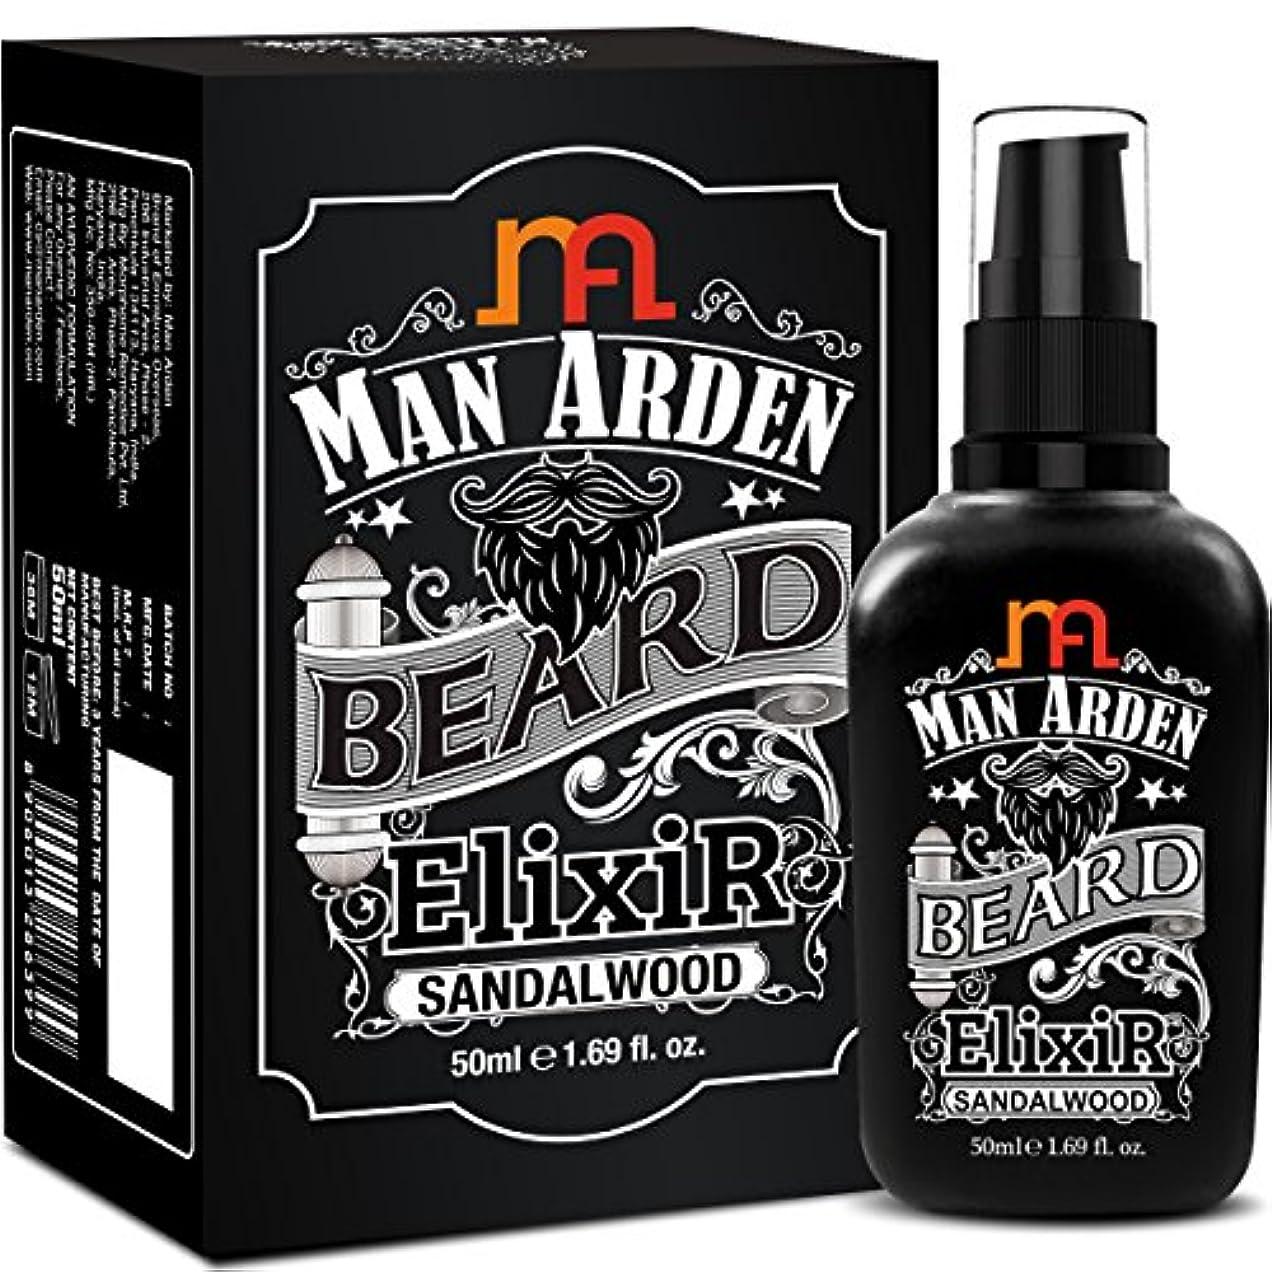 フルーツ野生ハンディキャップMan Arden Beard Elixir Oil 50ml (Sandalwood) - 7 Oils Blend For Beard Repair, Growth & Nourishment8906013286399